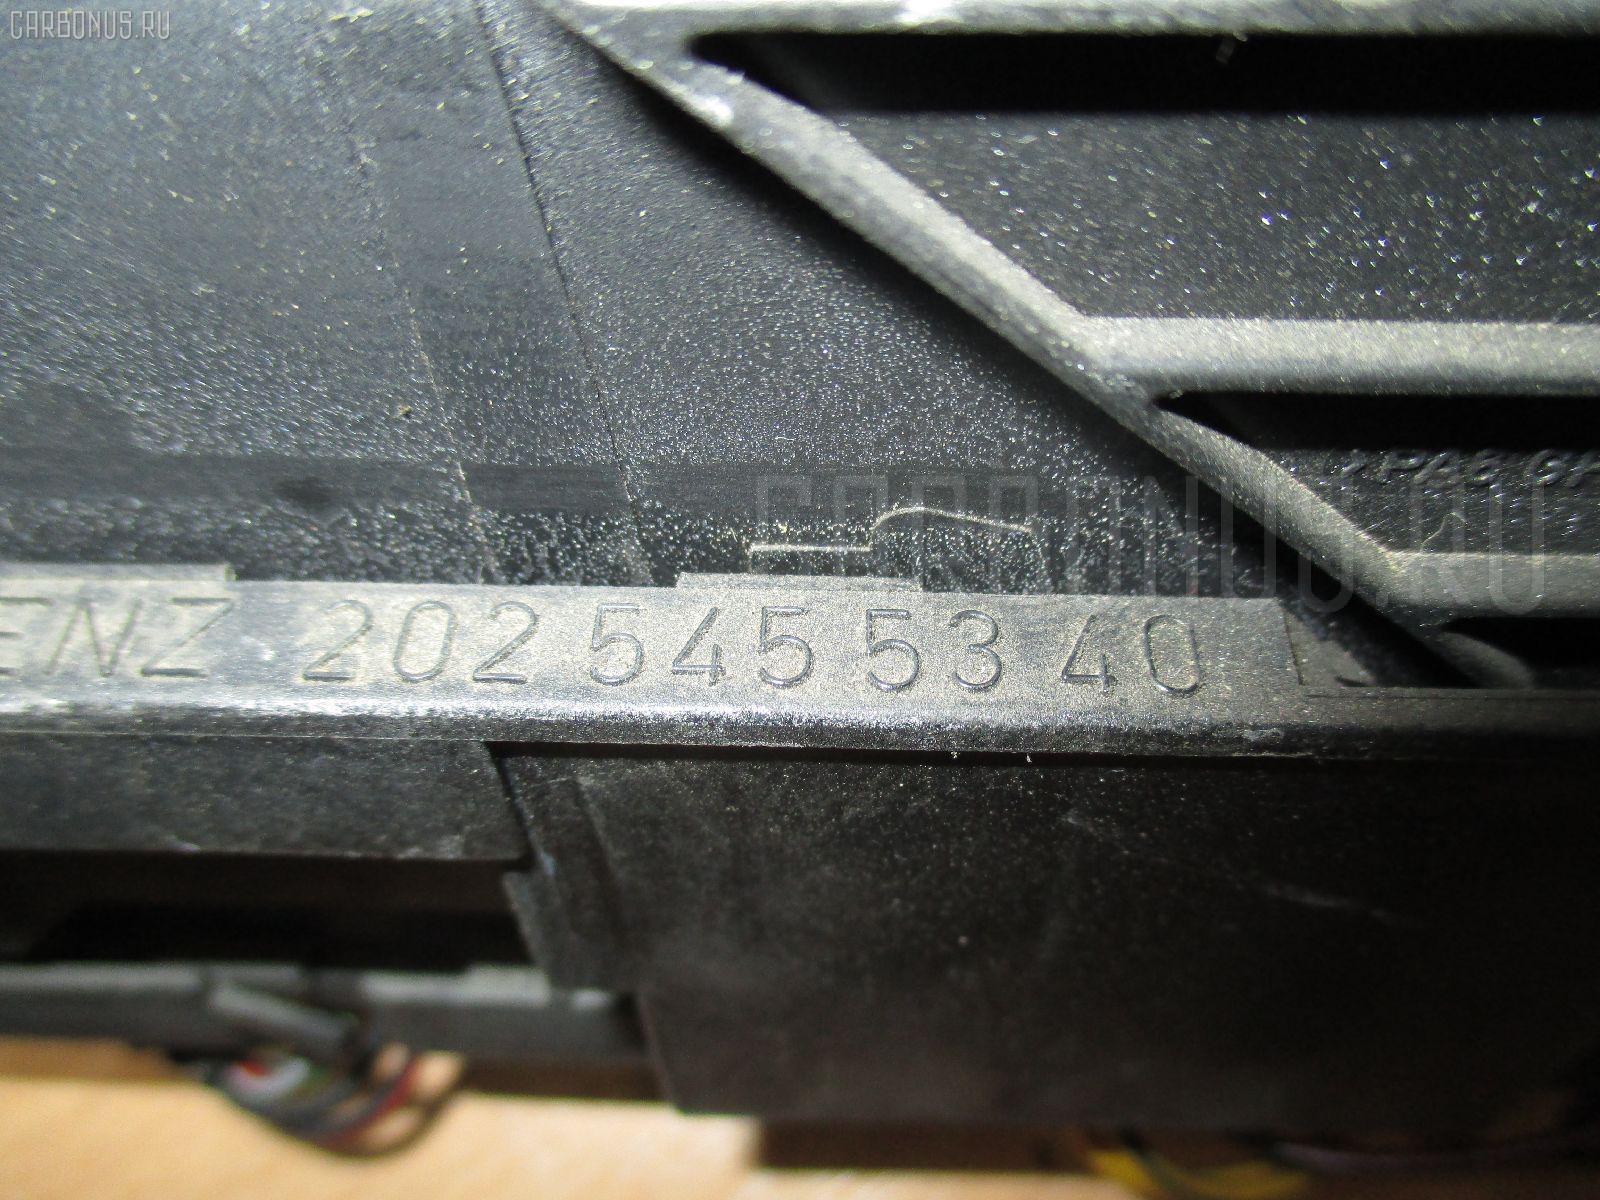 Блок предохранителей MERCEDES-BENZ C-CLASS W202.125 605.910 Фото 1